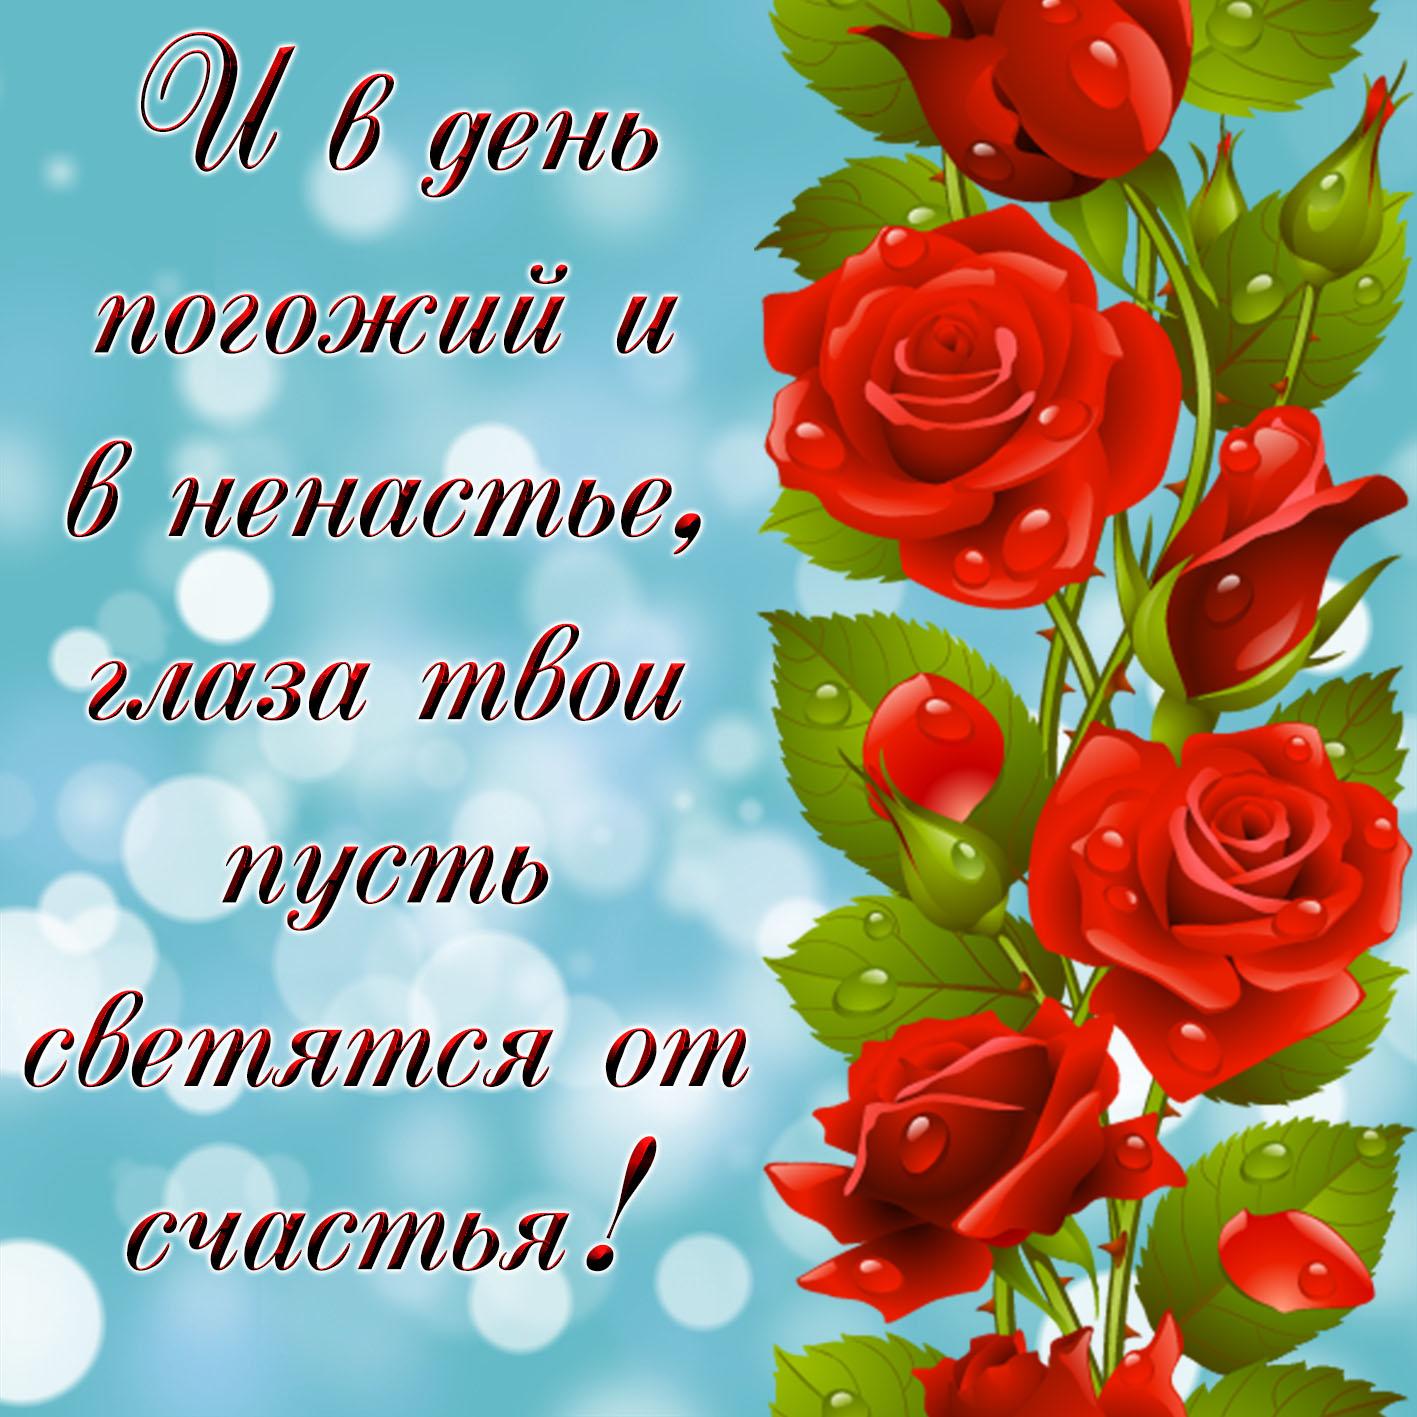 Открытка с красными розами на счастье